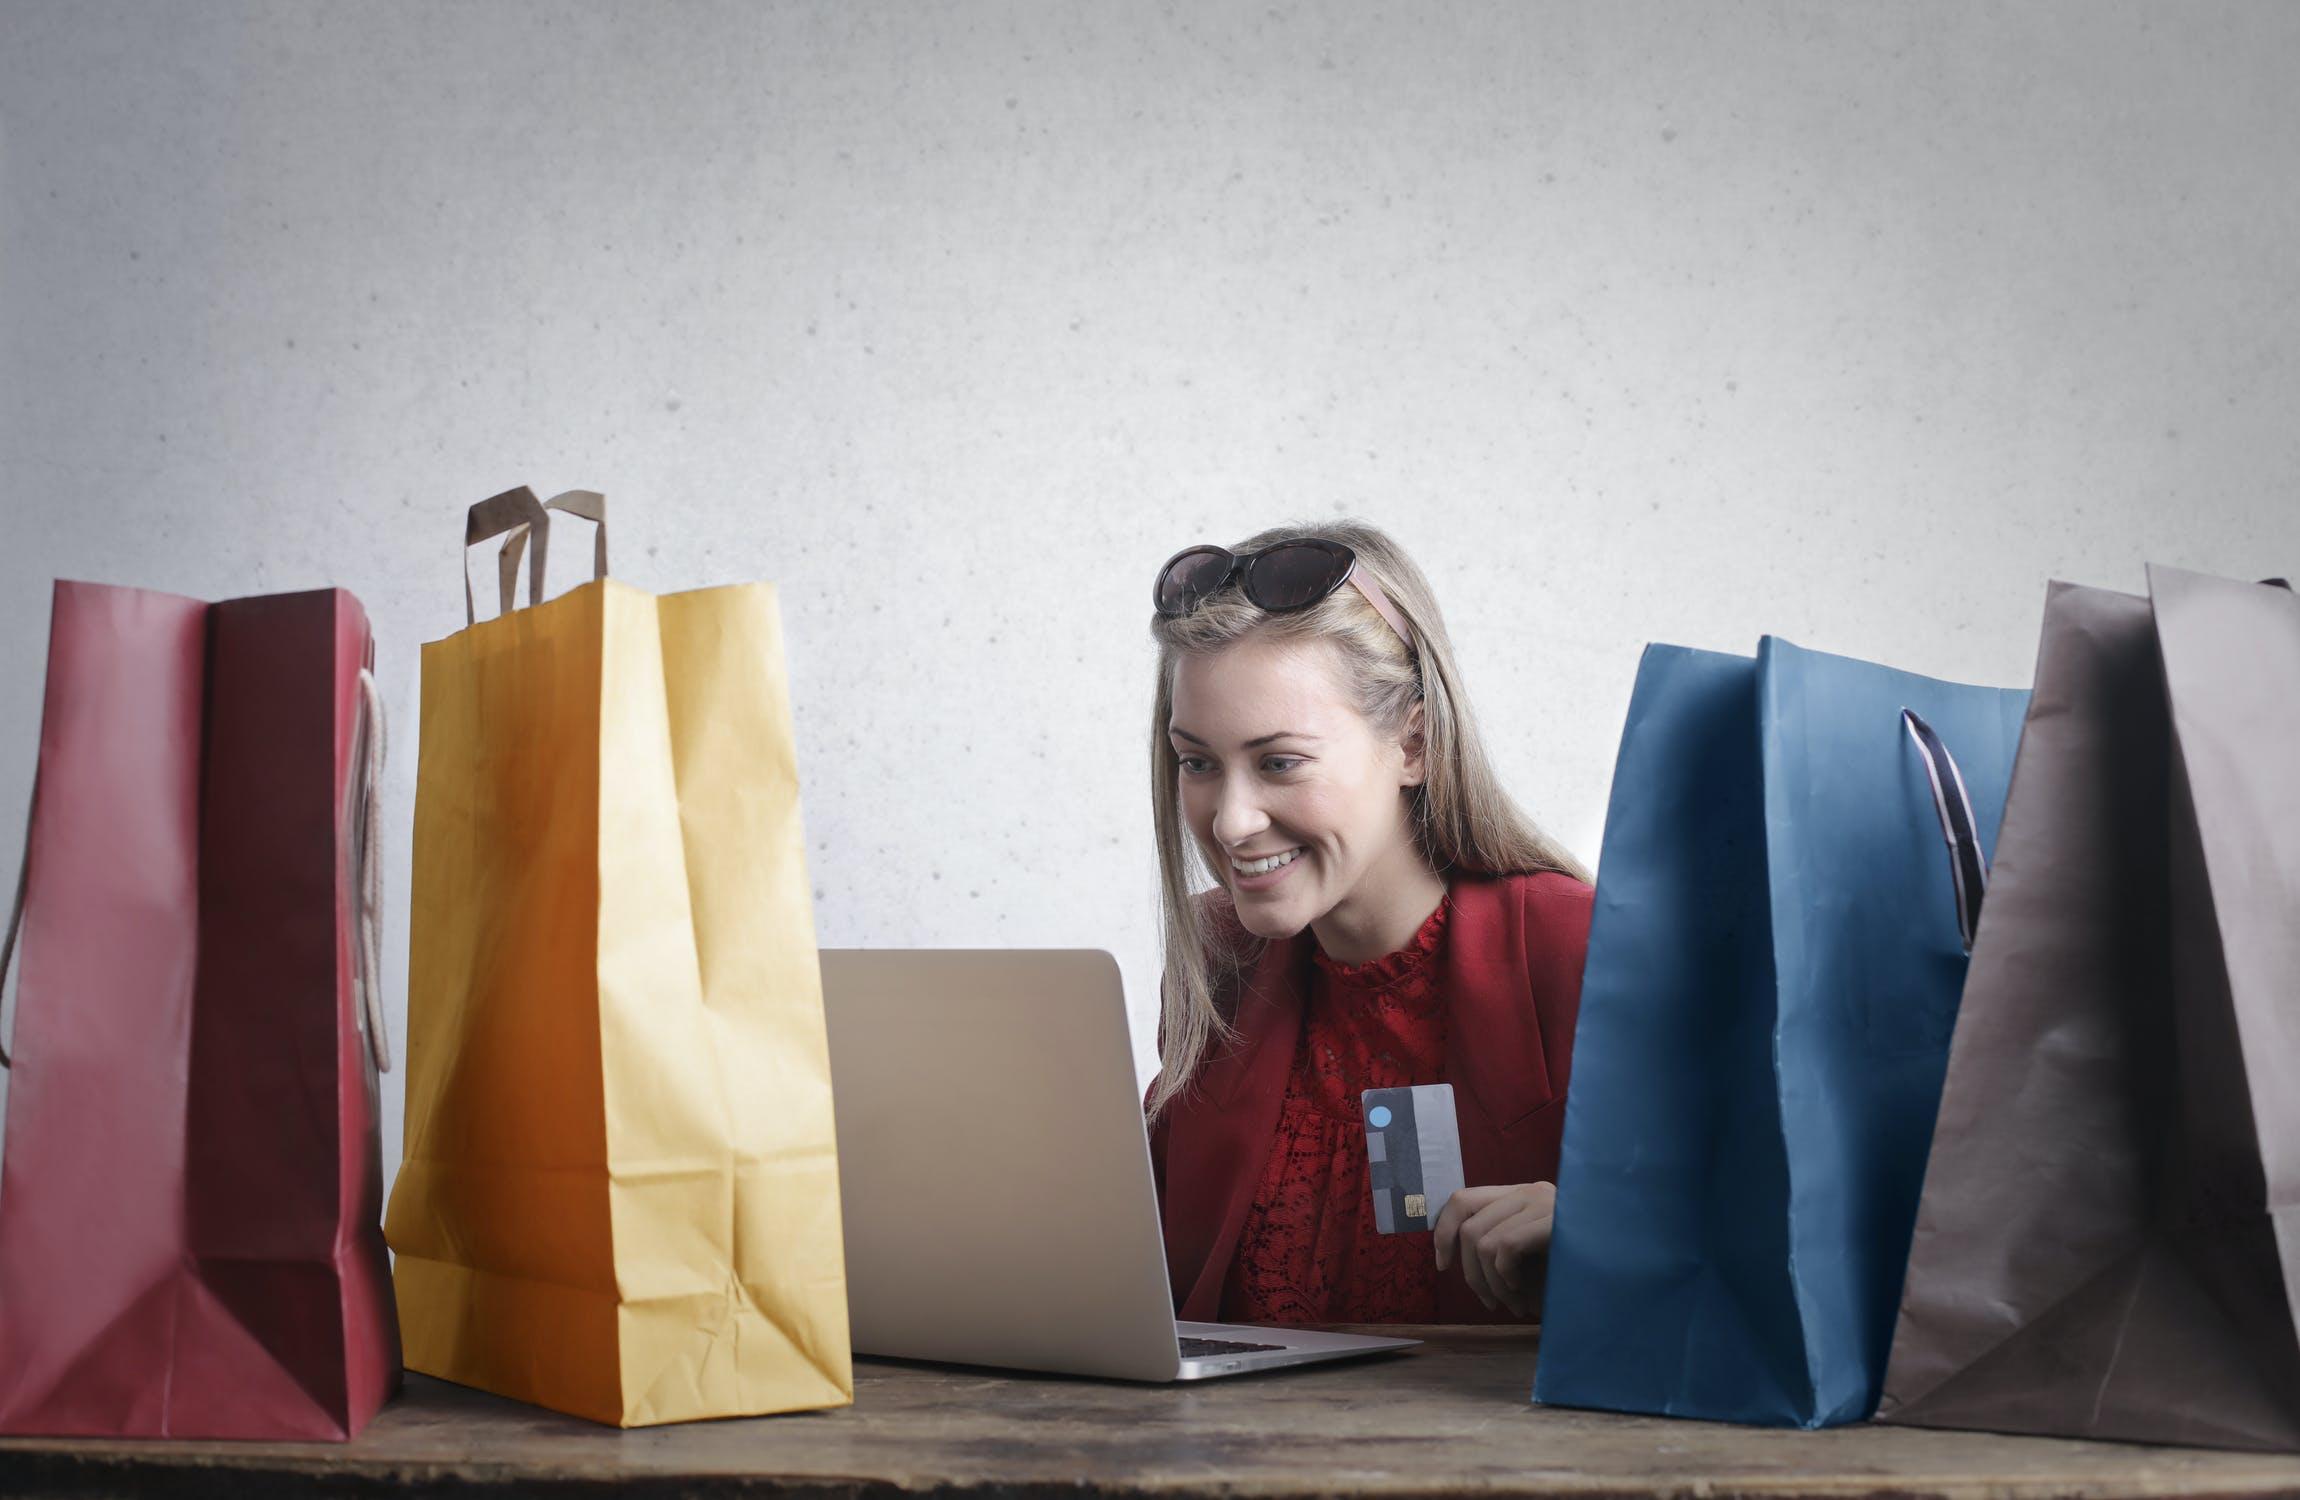 Winkels vanaf vandaag open voor afhalen volgens click & collect